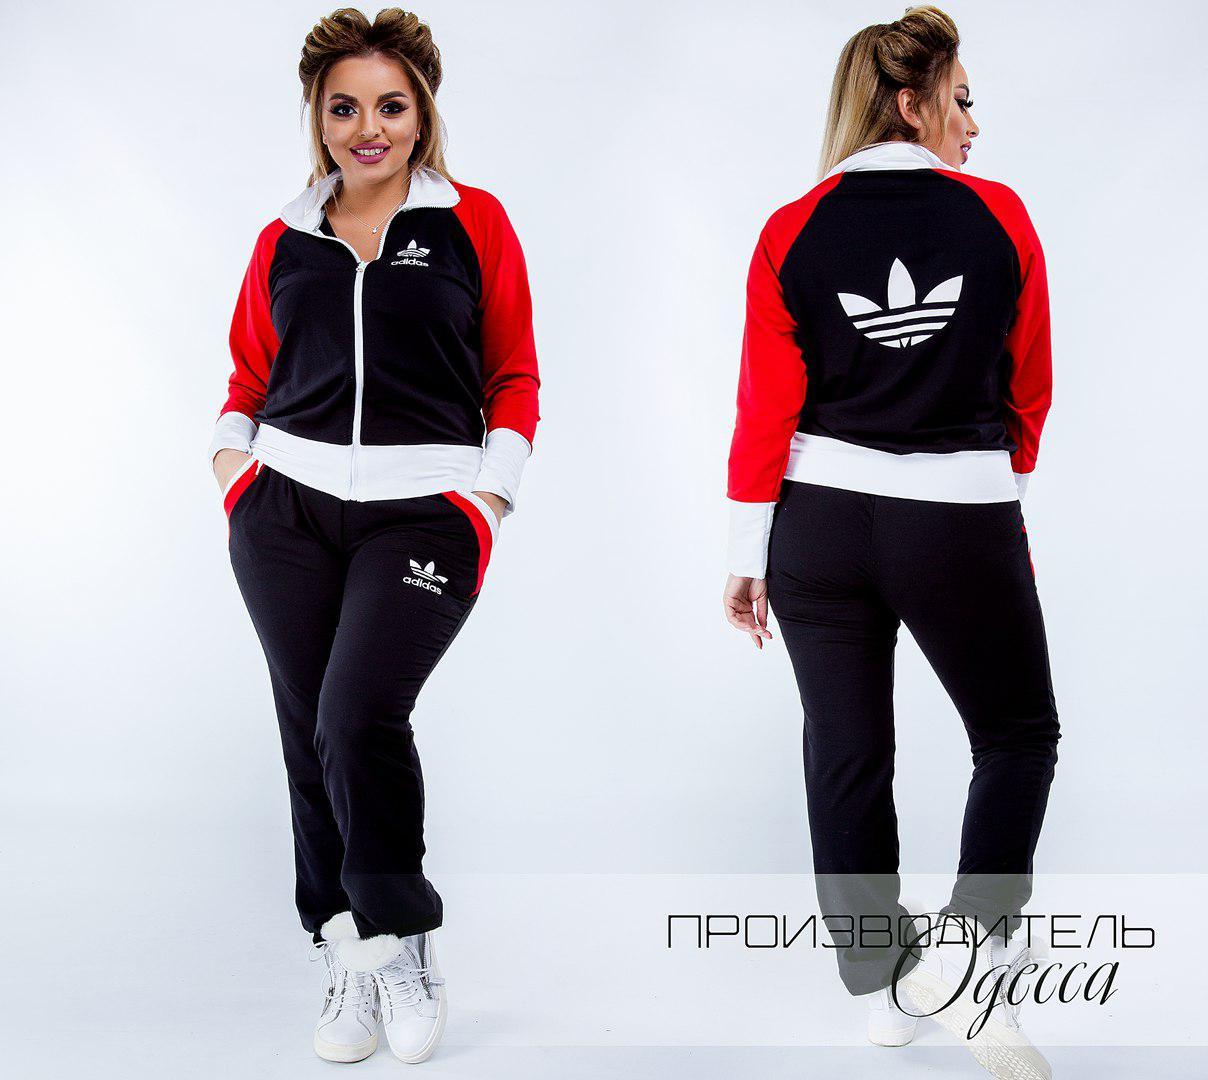 Женский спортивный костюм с воротом стойкой, реплика Adidas, батальные размеры